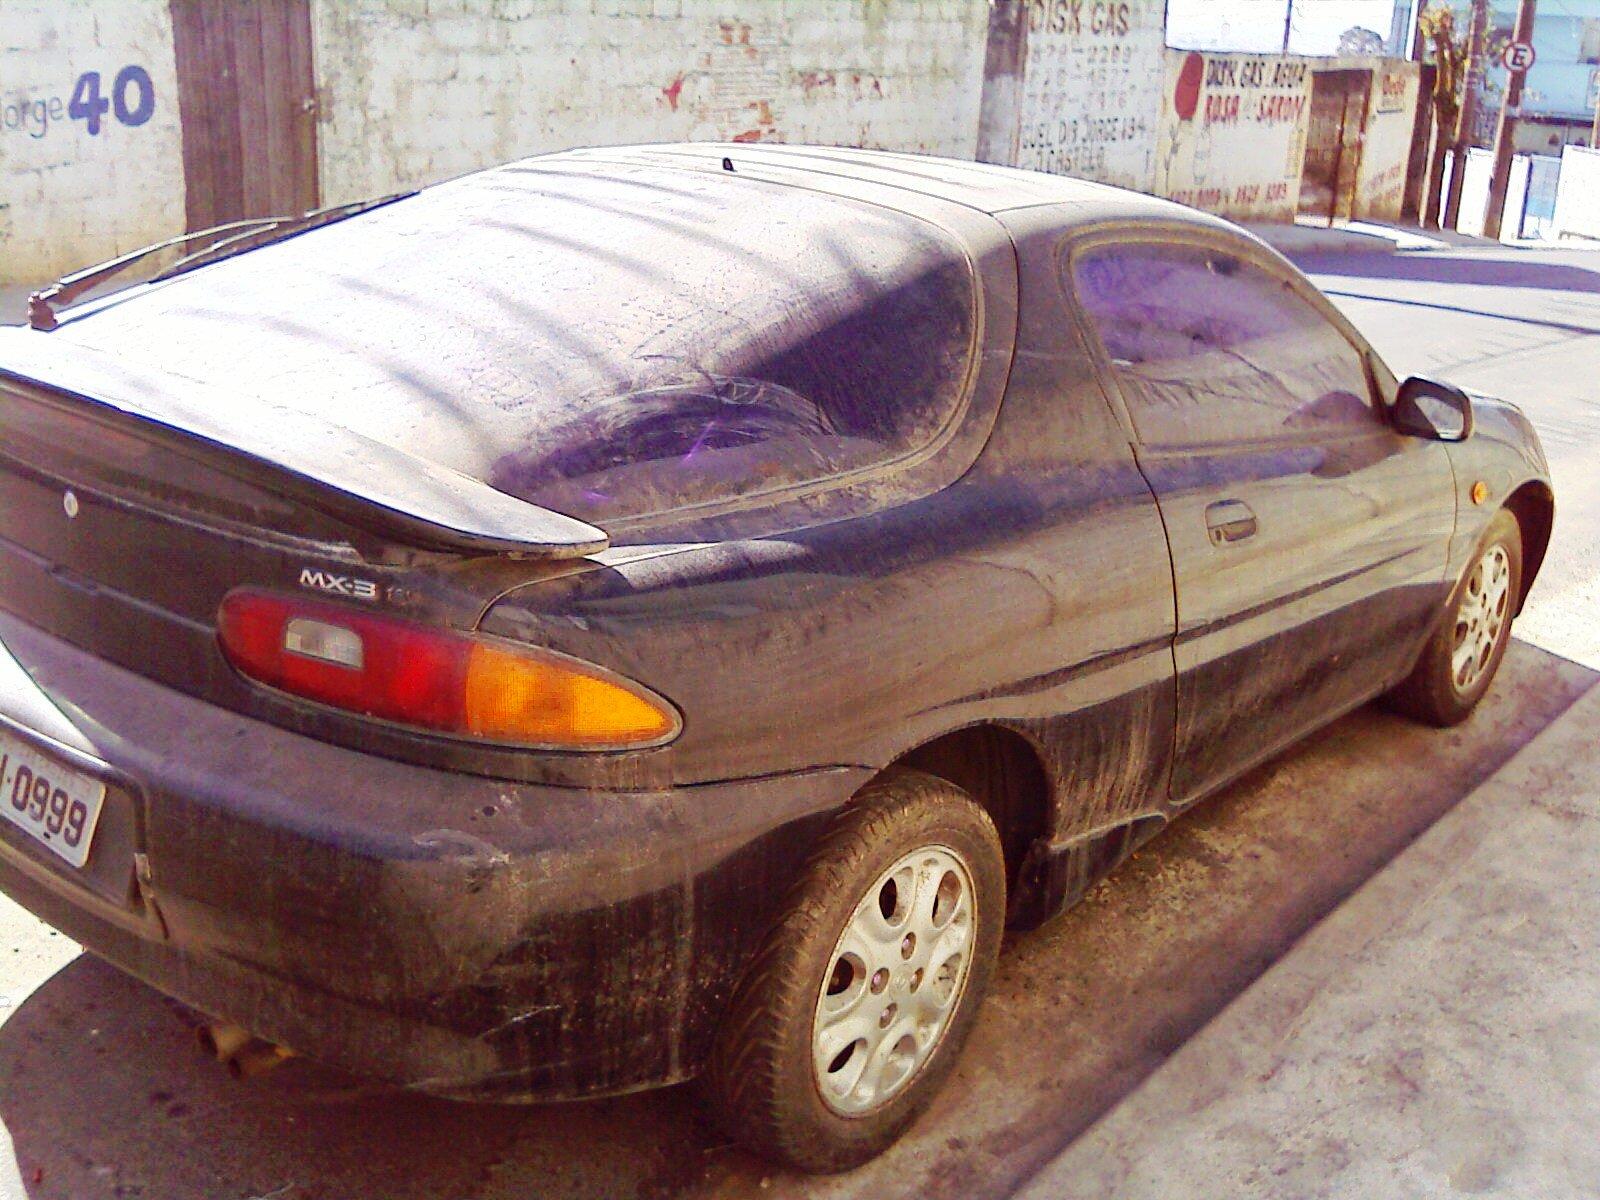 anderson-prates-mazda-mx3-ferraz-de-vasconcelos-2 Mazda MX3